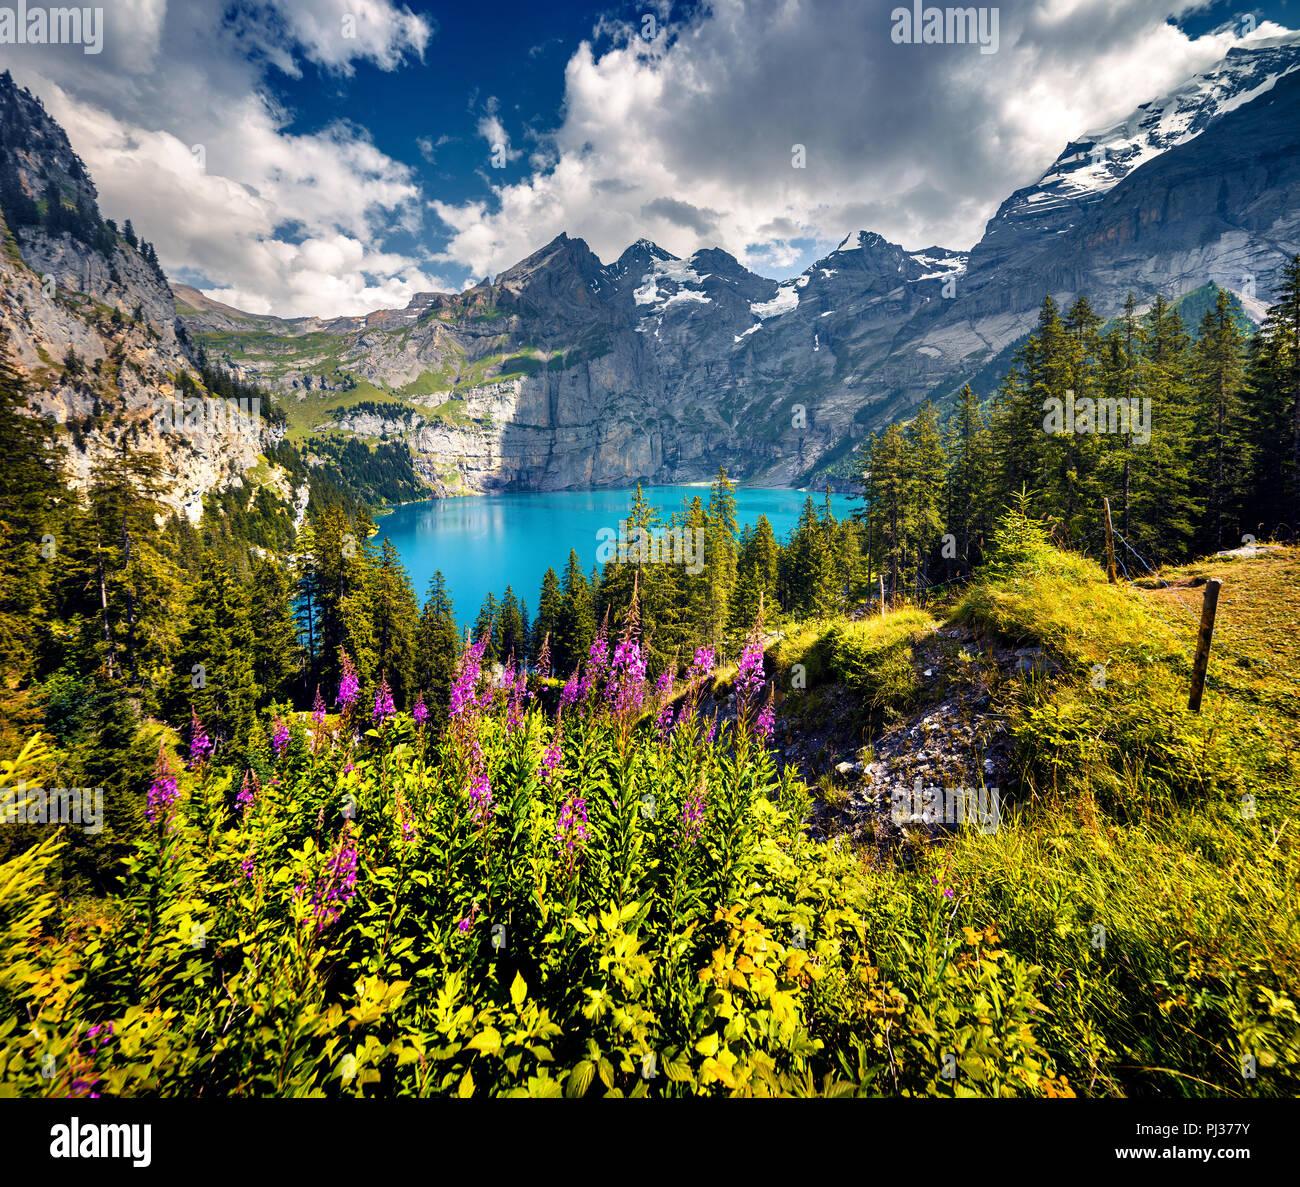 Bunte Sommermorgen auf einzigartigen See - Oeschinensee (Oeschinensee), UNESCO-Weltkulturerbe. Schweiz, Europa. Stockbild